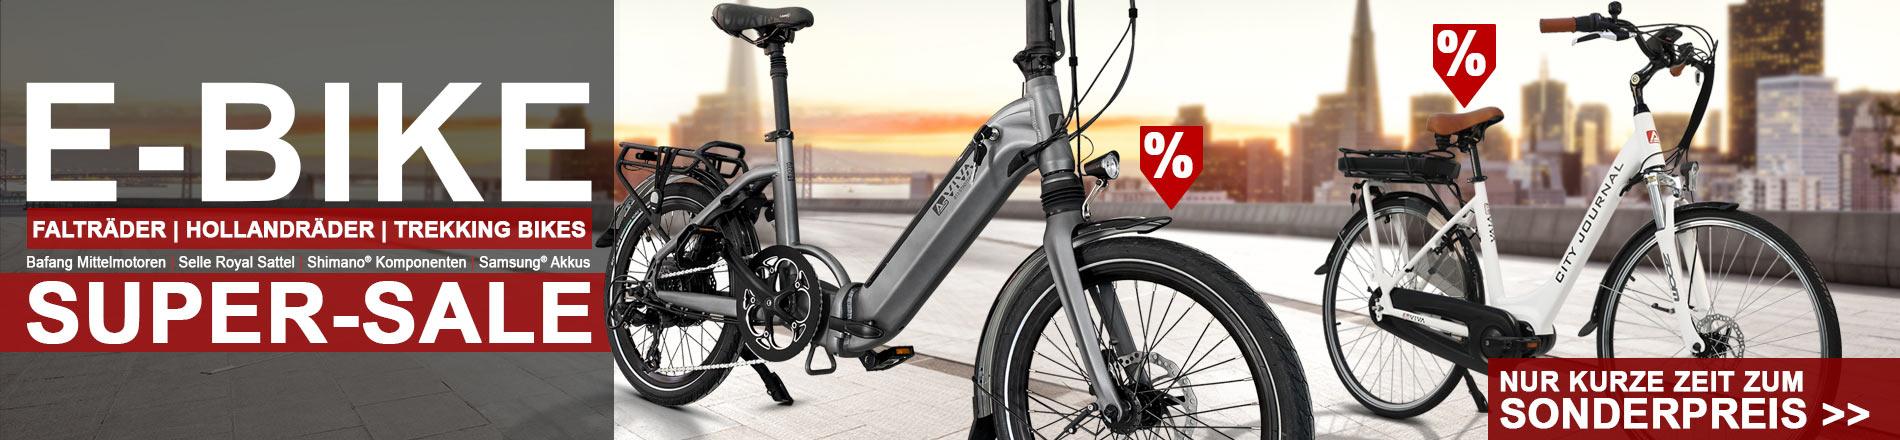 E-Bike-Sale - jetzt beim Kauf von ausgewählten Top-Artikeln zusätzlich sparen im AsVIVA Online Shop